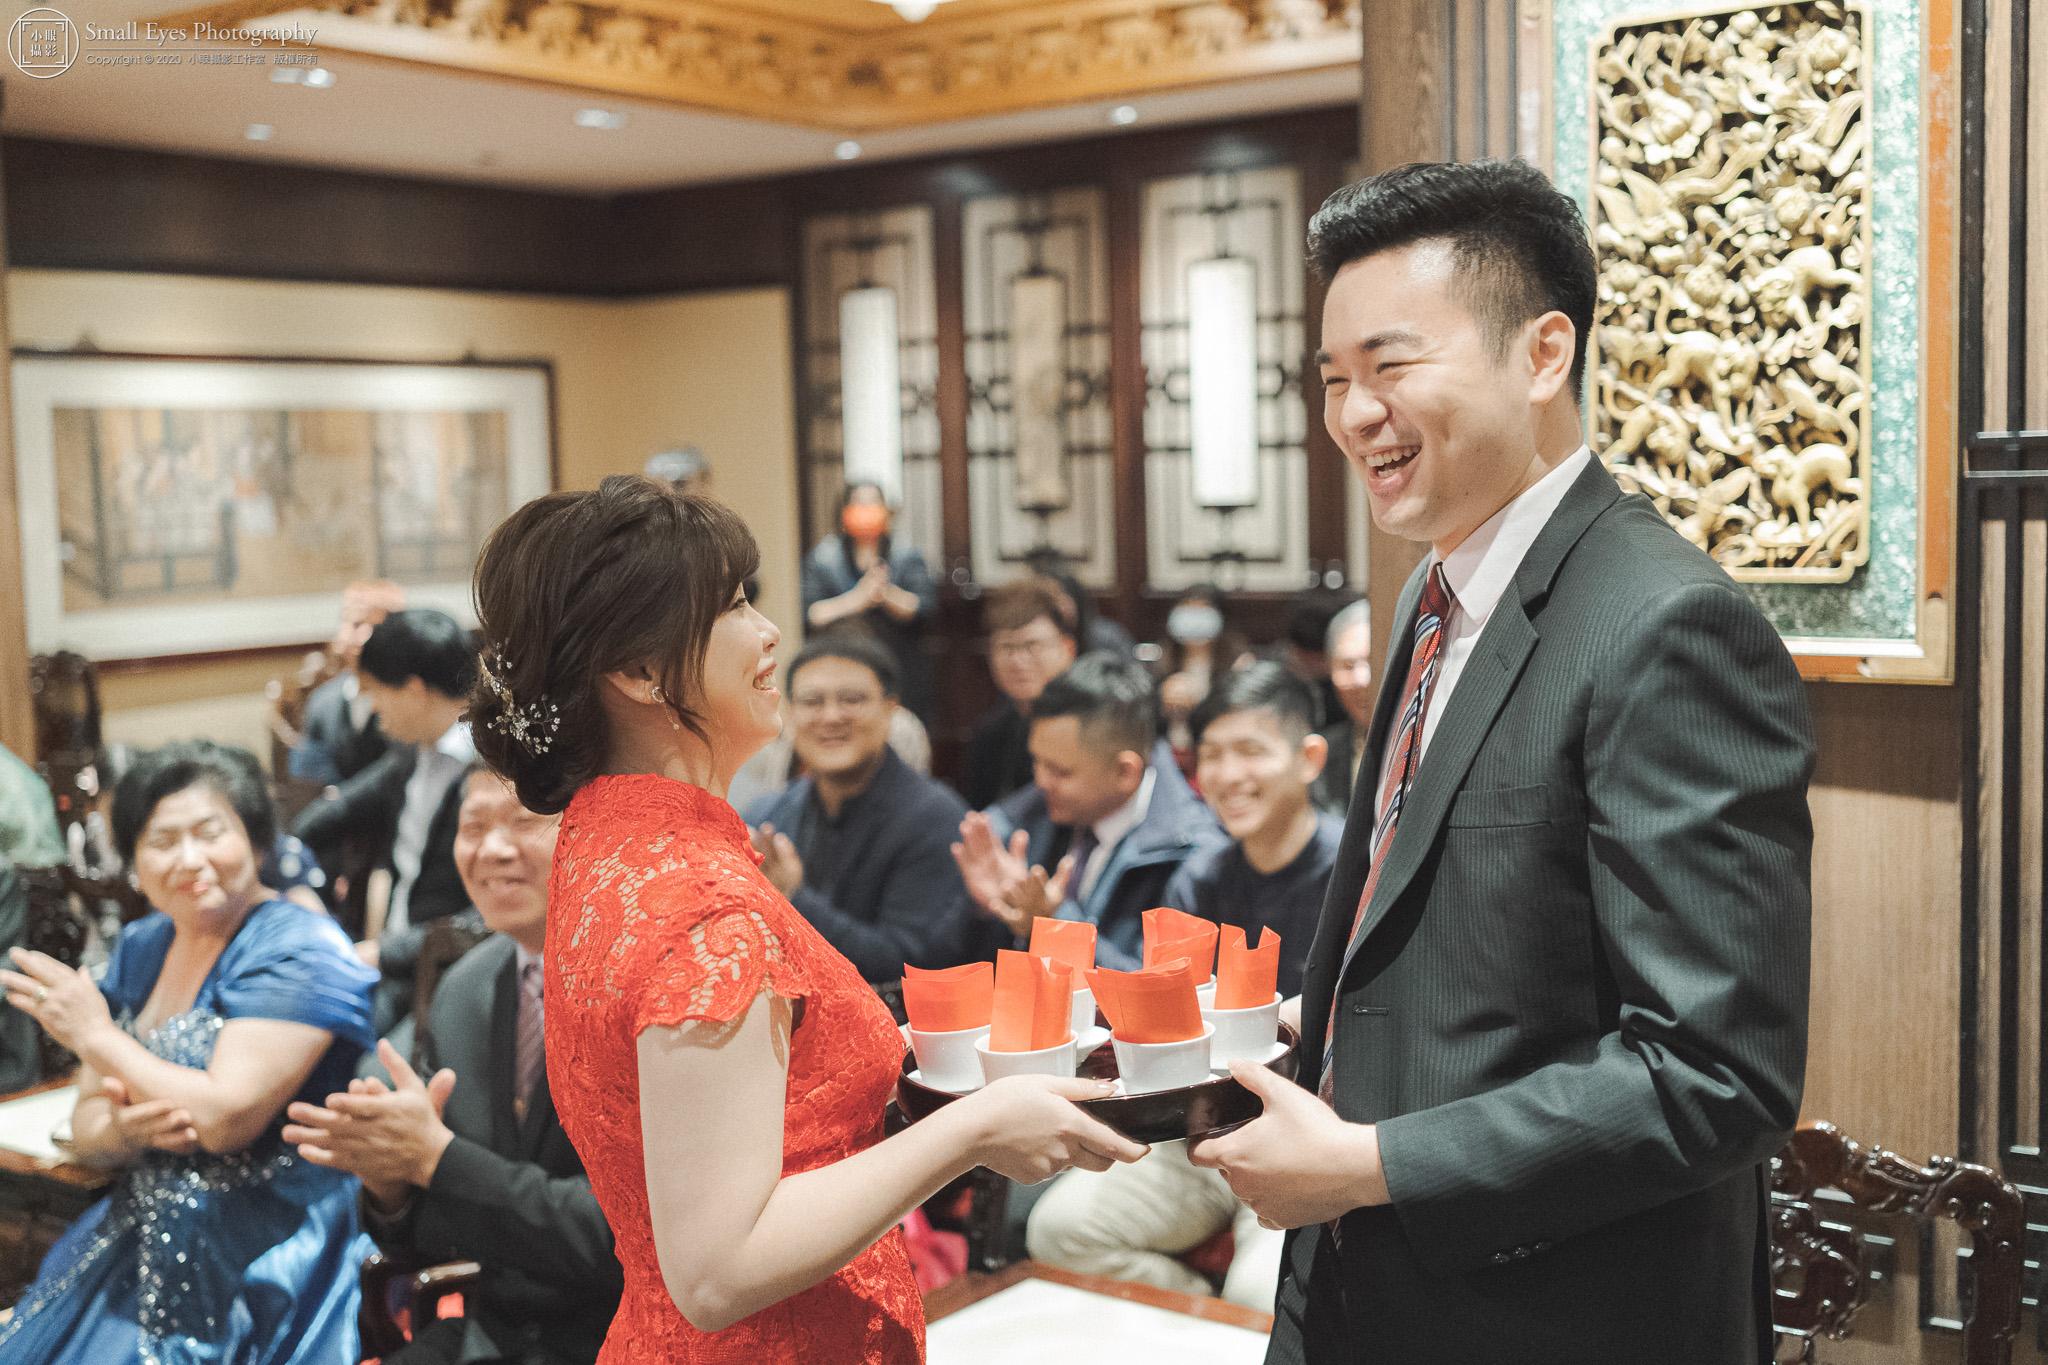 小眼攝影,婚攝,傅祐承,婚禮攝影,婚禮紀實,婚禮紀錄,台北,國賓,大飯店,巴洛克zoe,新娘秘書,茶甌